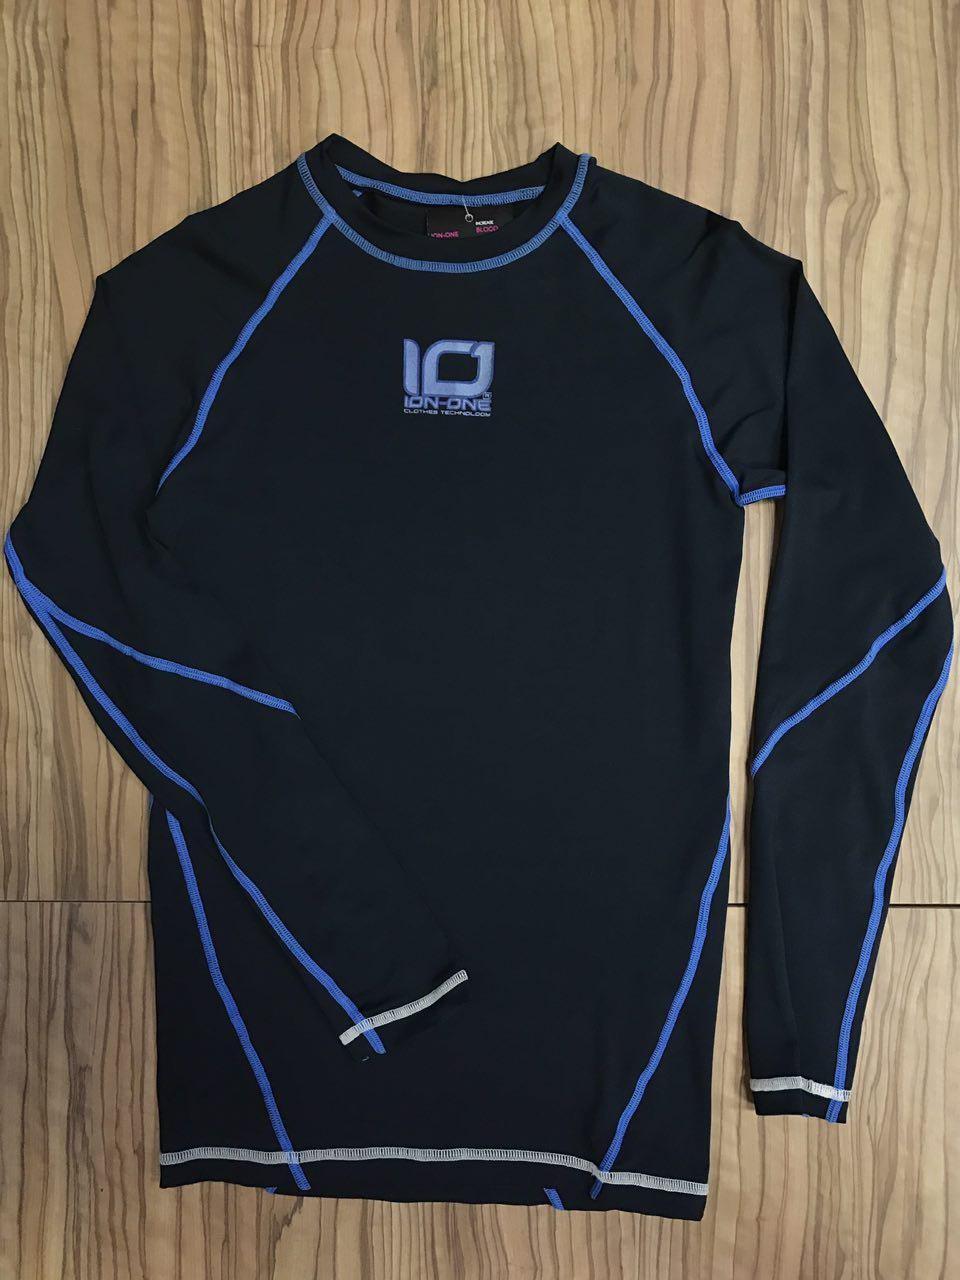 Camiseta Bioceramicas Ion One Negro Costura Azul